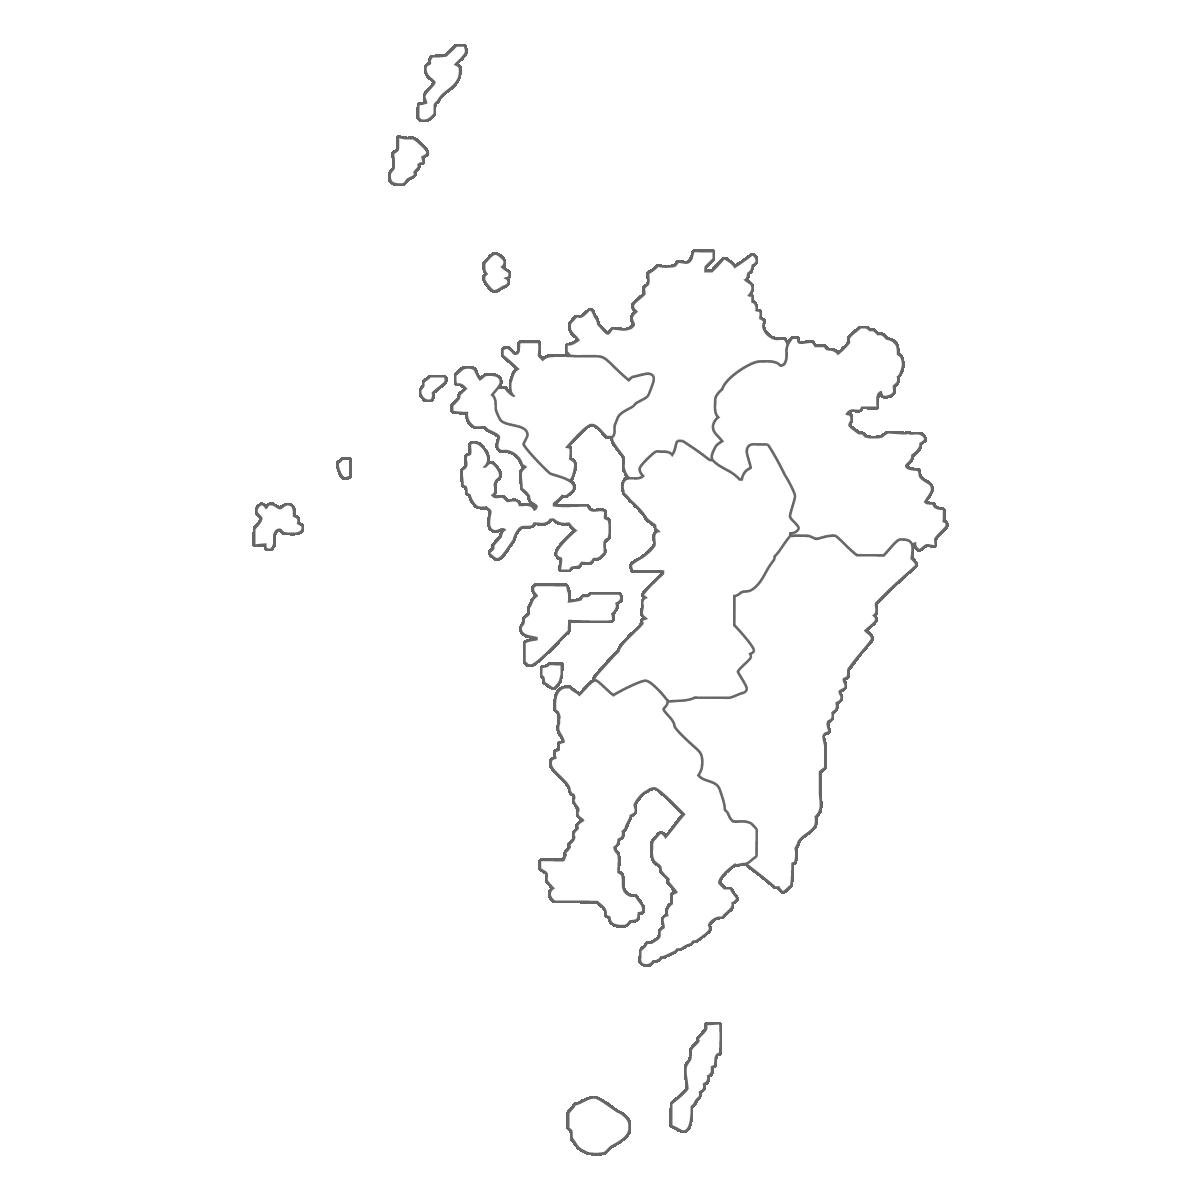 九州地方の白地図イラスト画像